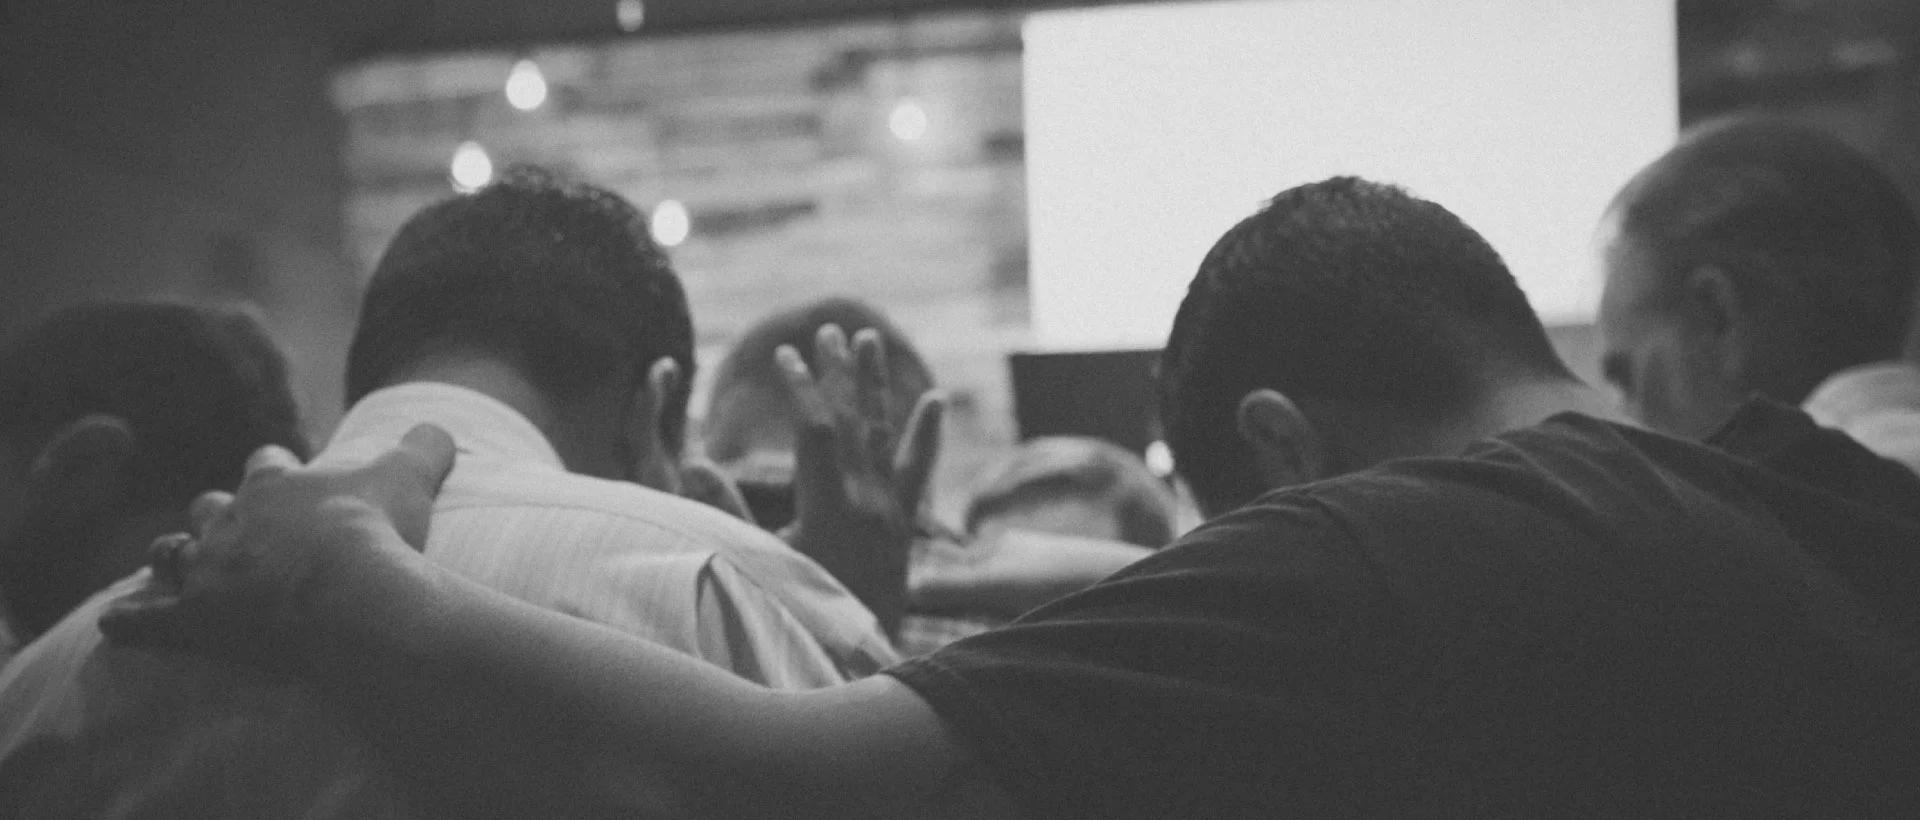 praying-together-tgc